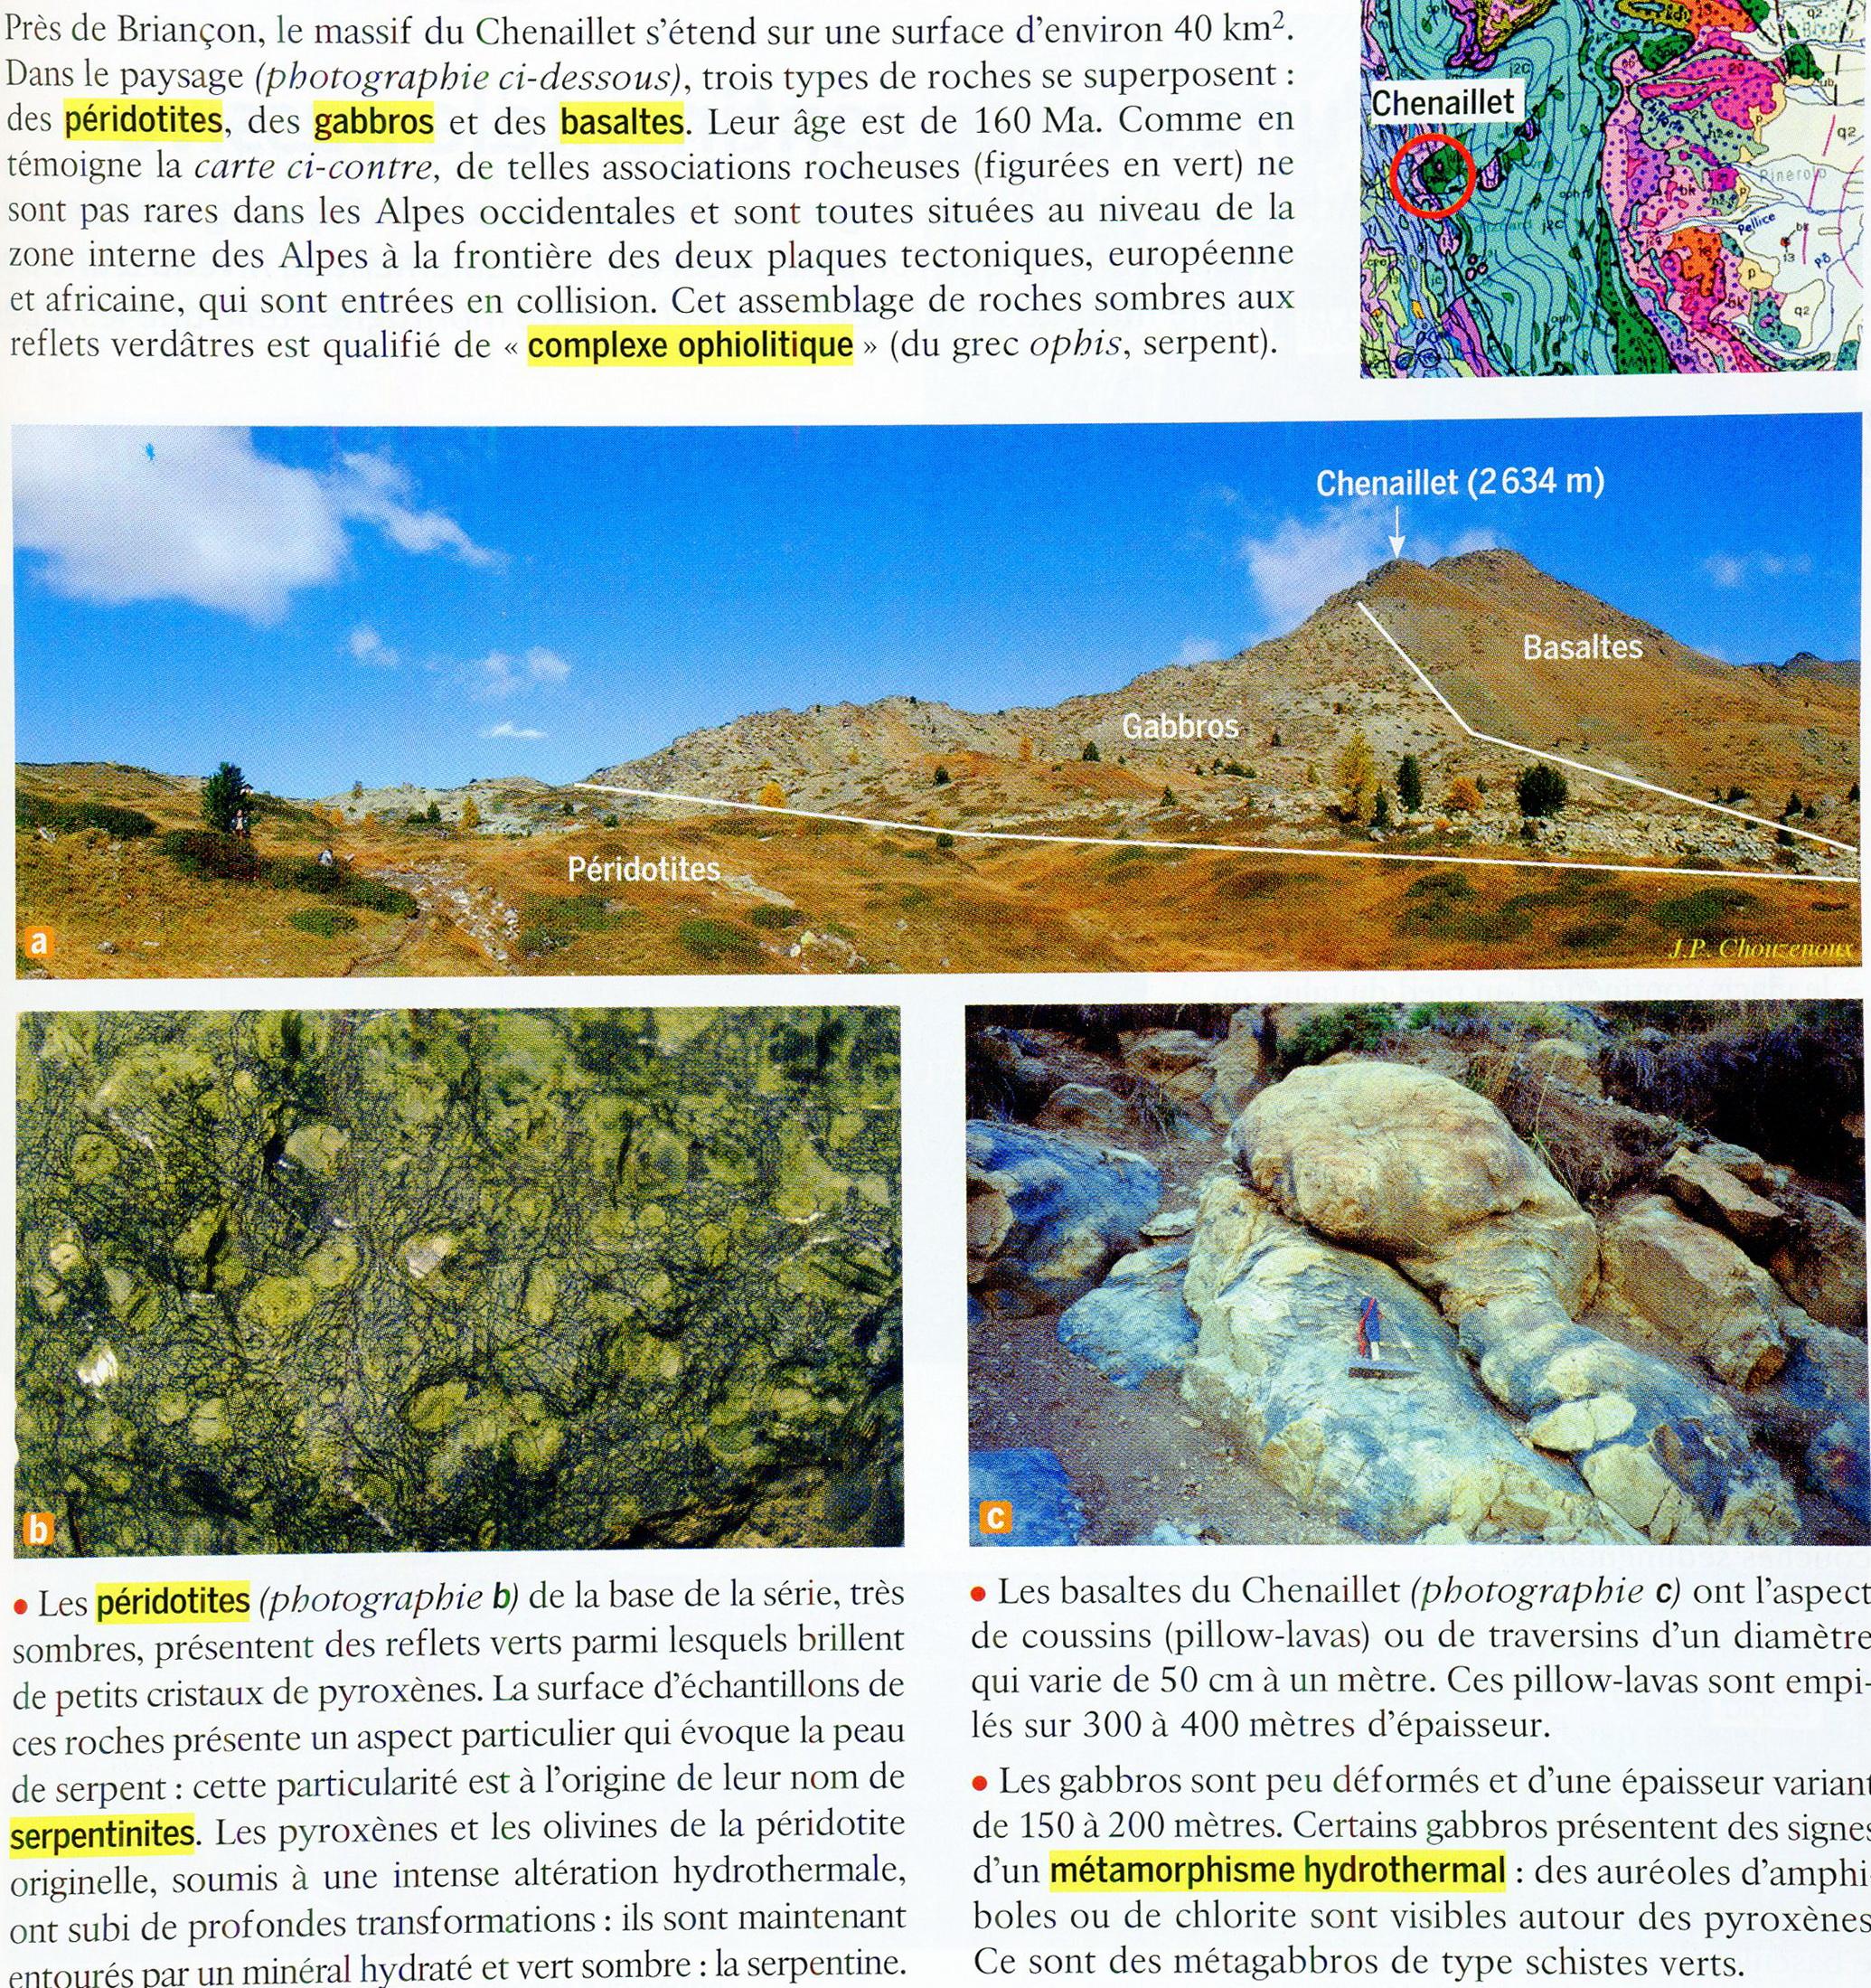 Chenaillet complexe ophiolitique